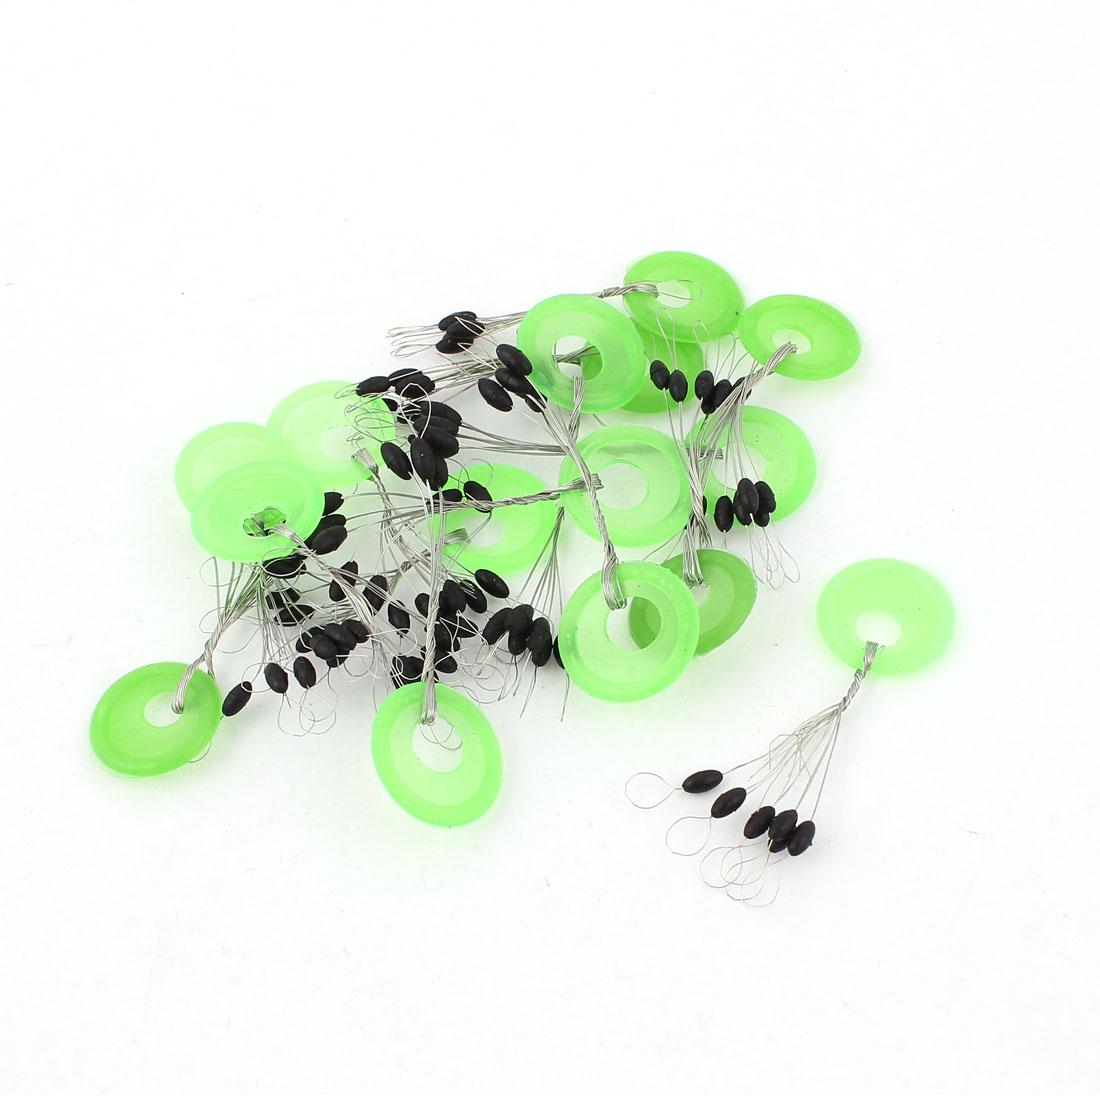 15Pcs Plastic Round Ring Oval Float Fishing Bobber Stopper Green Black